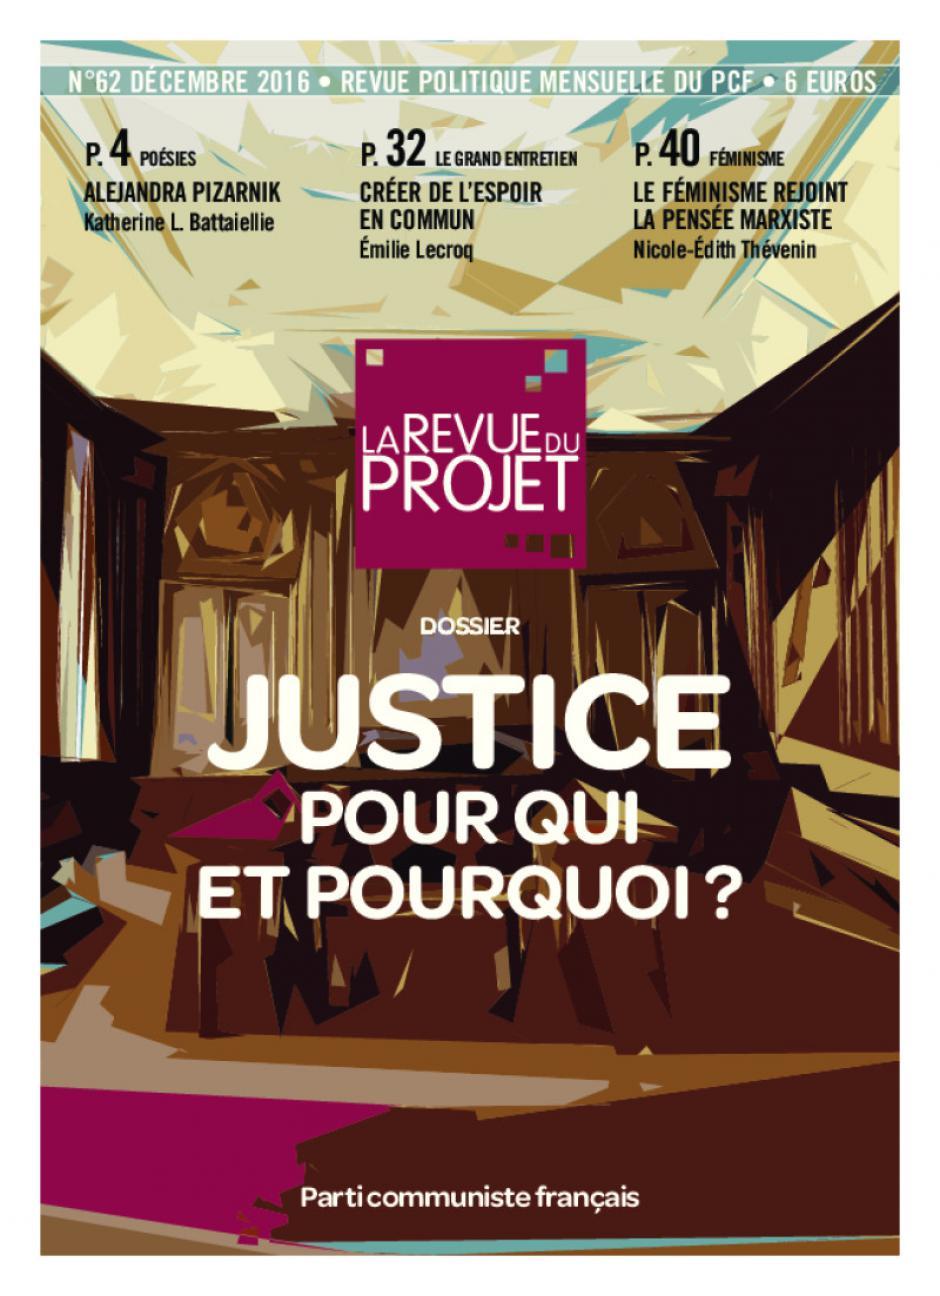 La Revue du projet, n° 62, décembre 2016